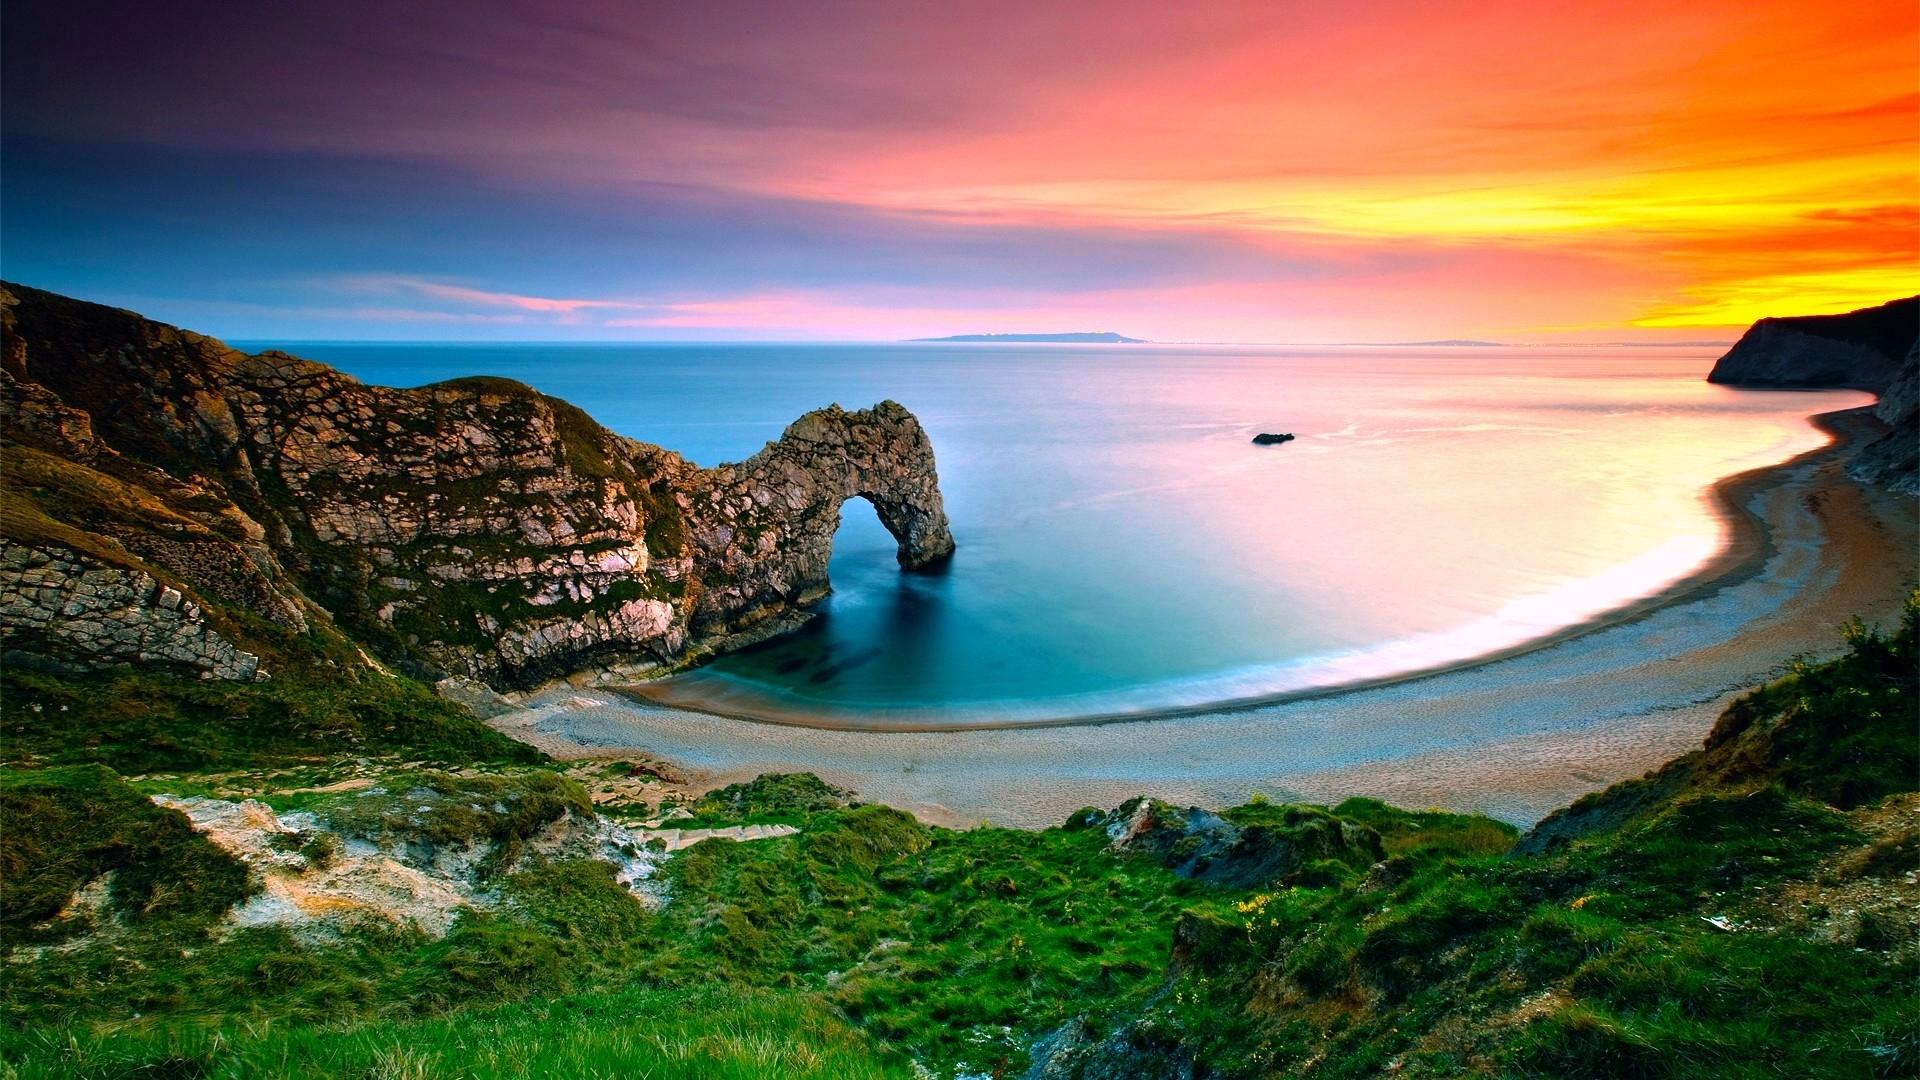 Hd Beach Ocean Wallpaper New Landscap Wallpaper Landscape Ocean Beach Hd Desktop New Covenant Church